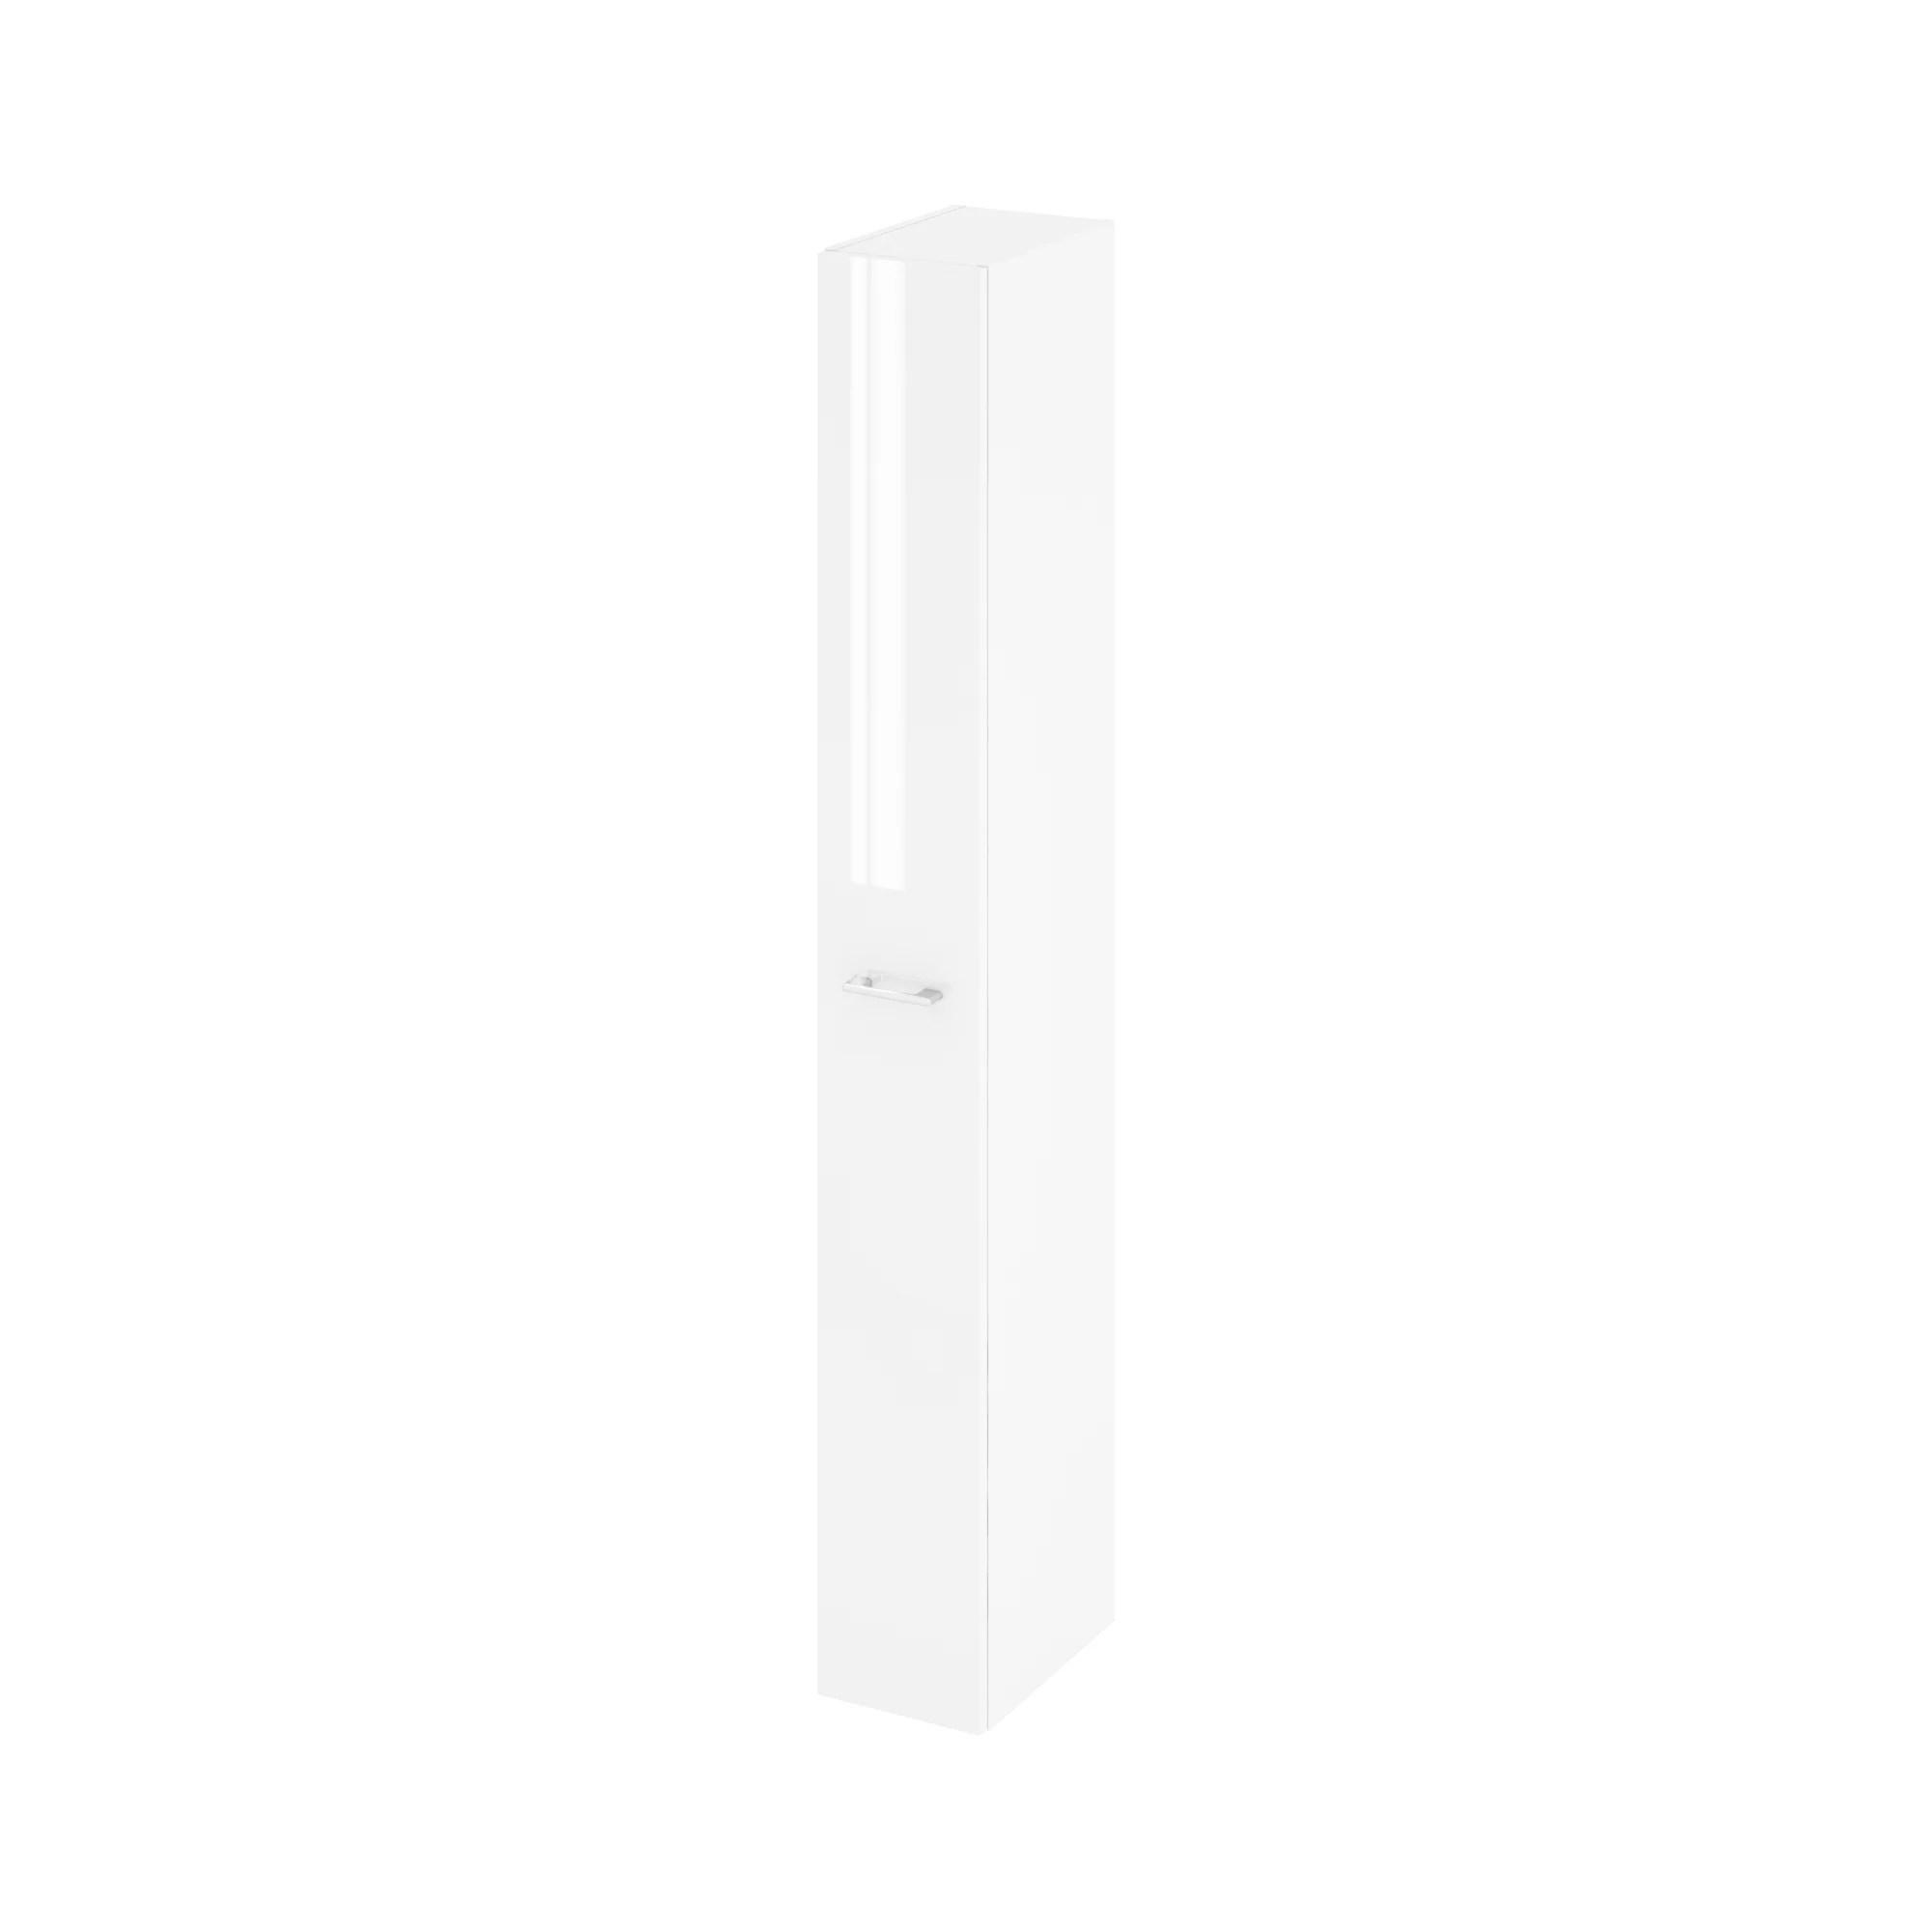 colonne de salle de bains l 22 x h 173 x p 34 8 cm blanc remix